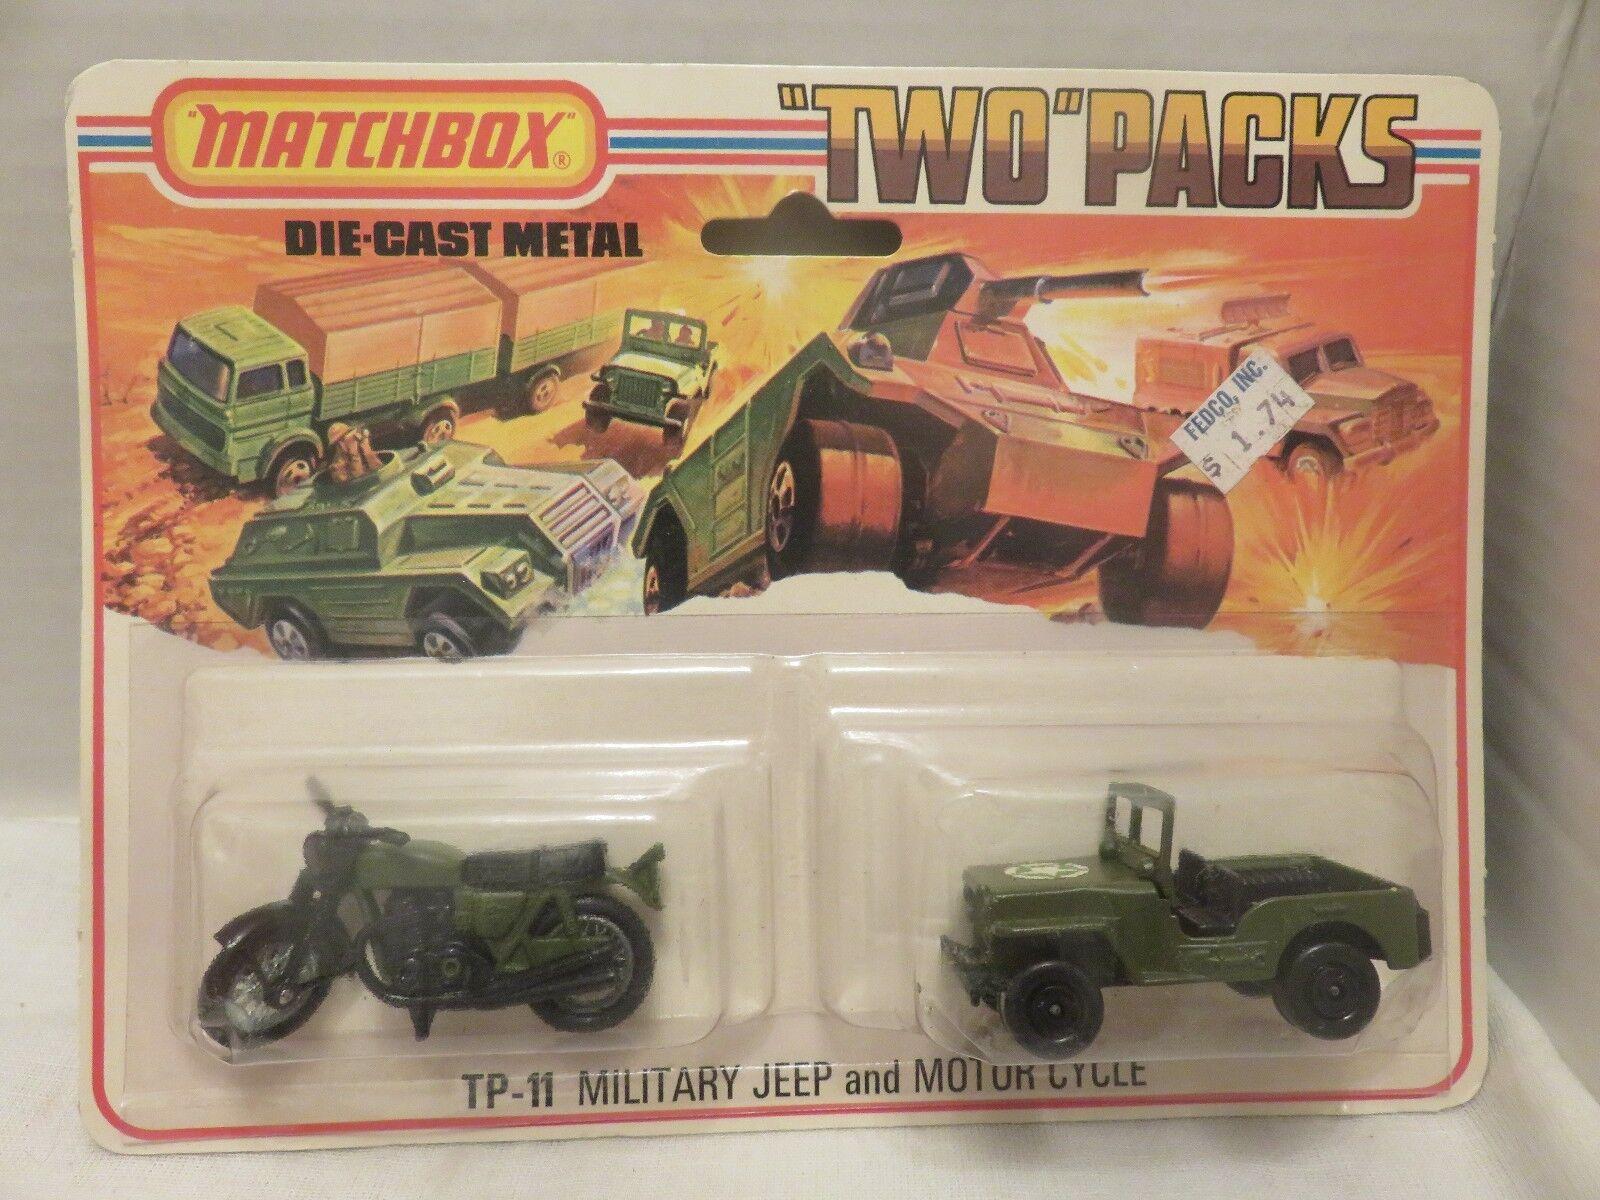 1976 MATCHBOX deux paquets Jeep militaire motor cycle TP-11 Die-cast métal Angleterre C